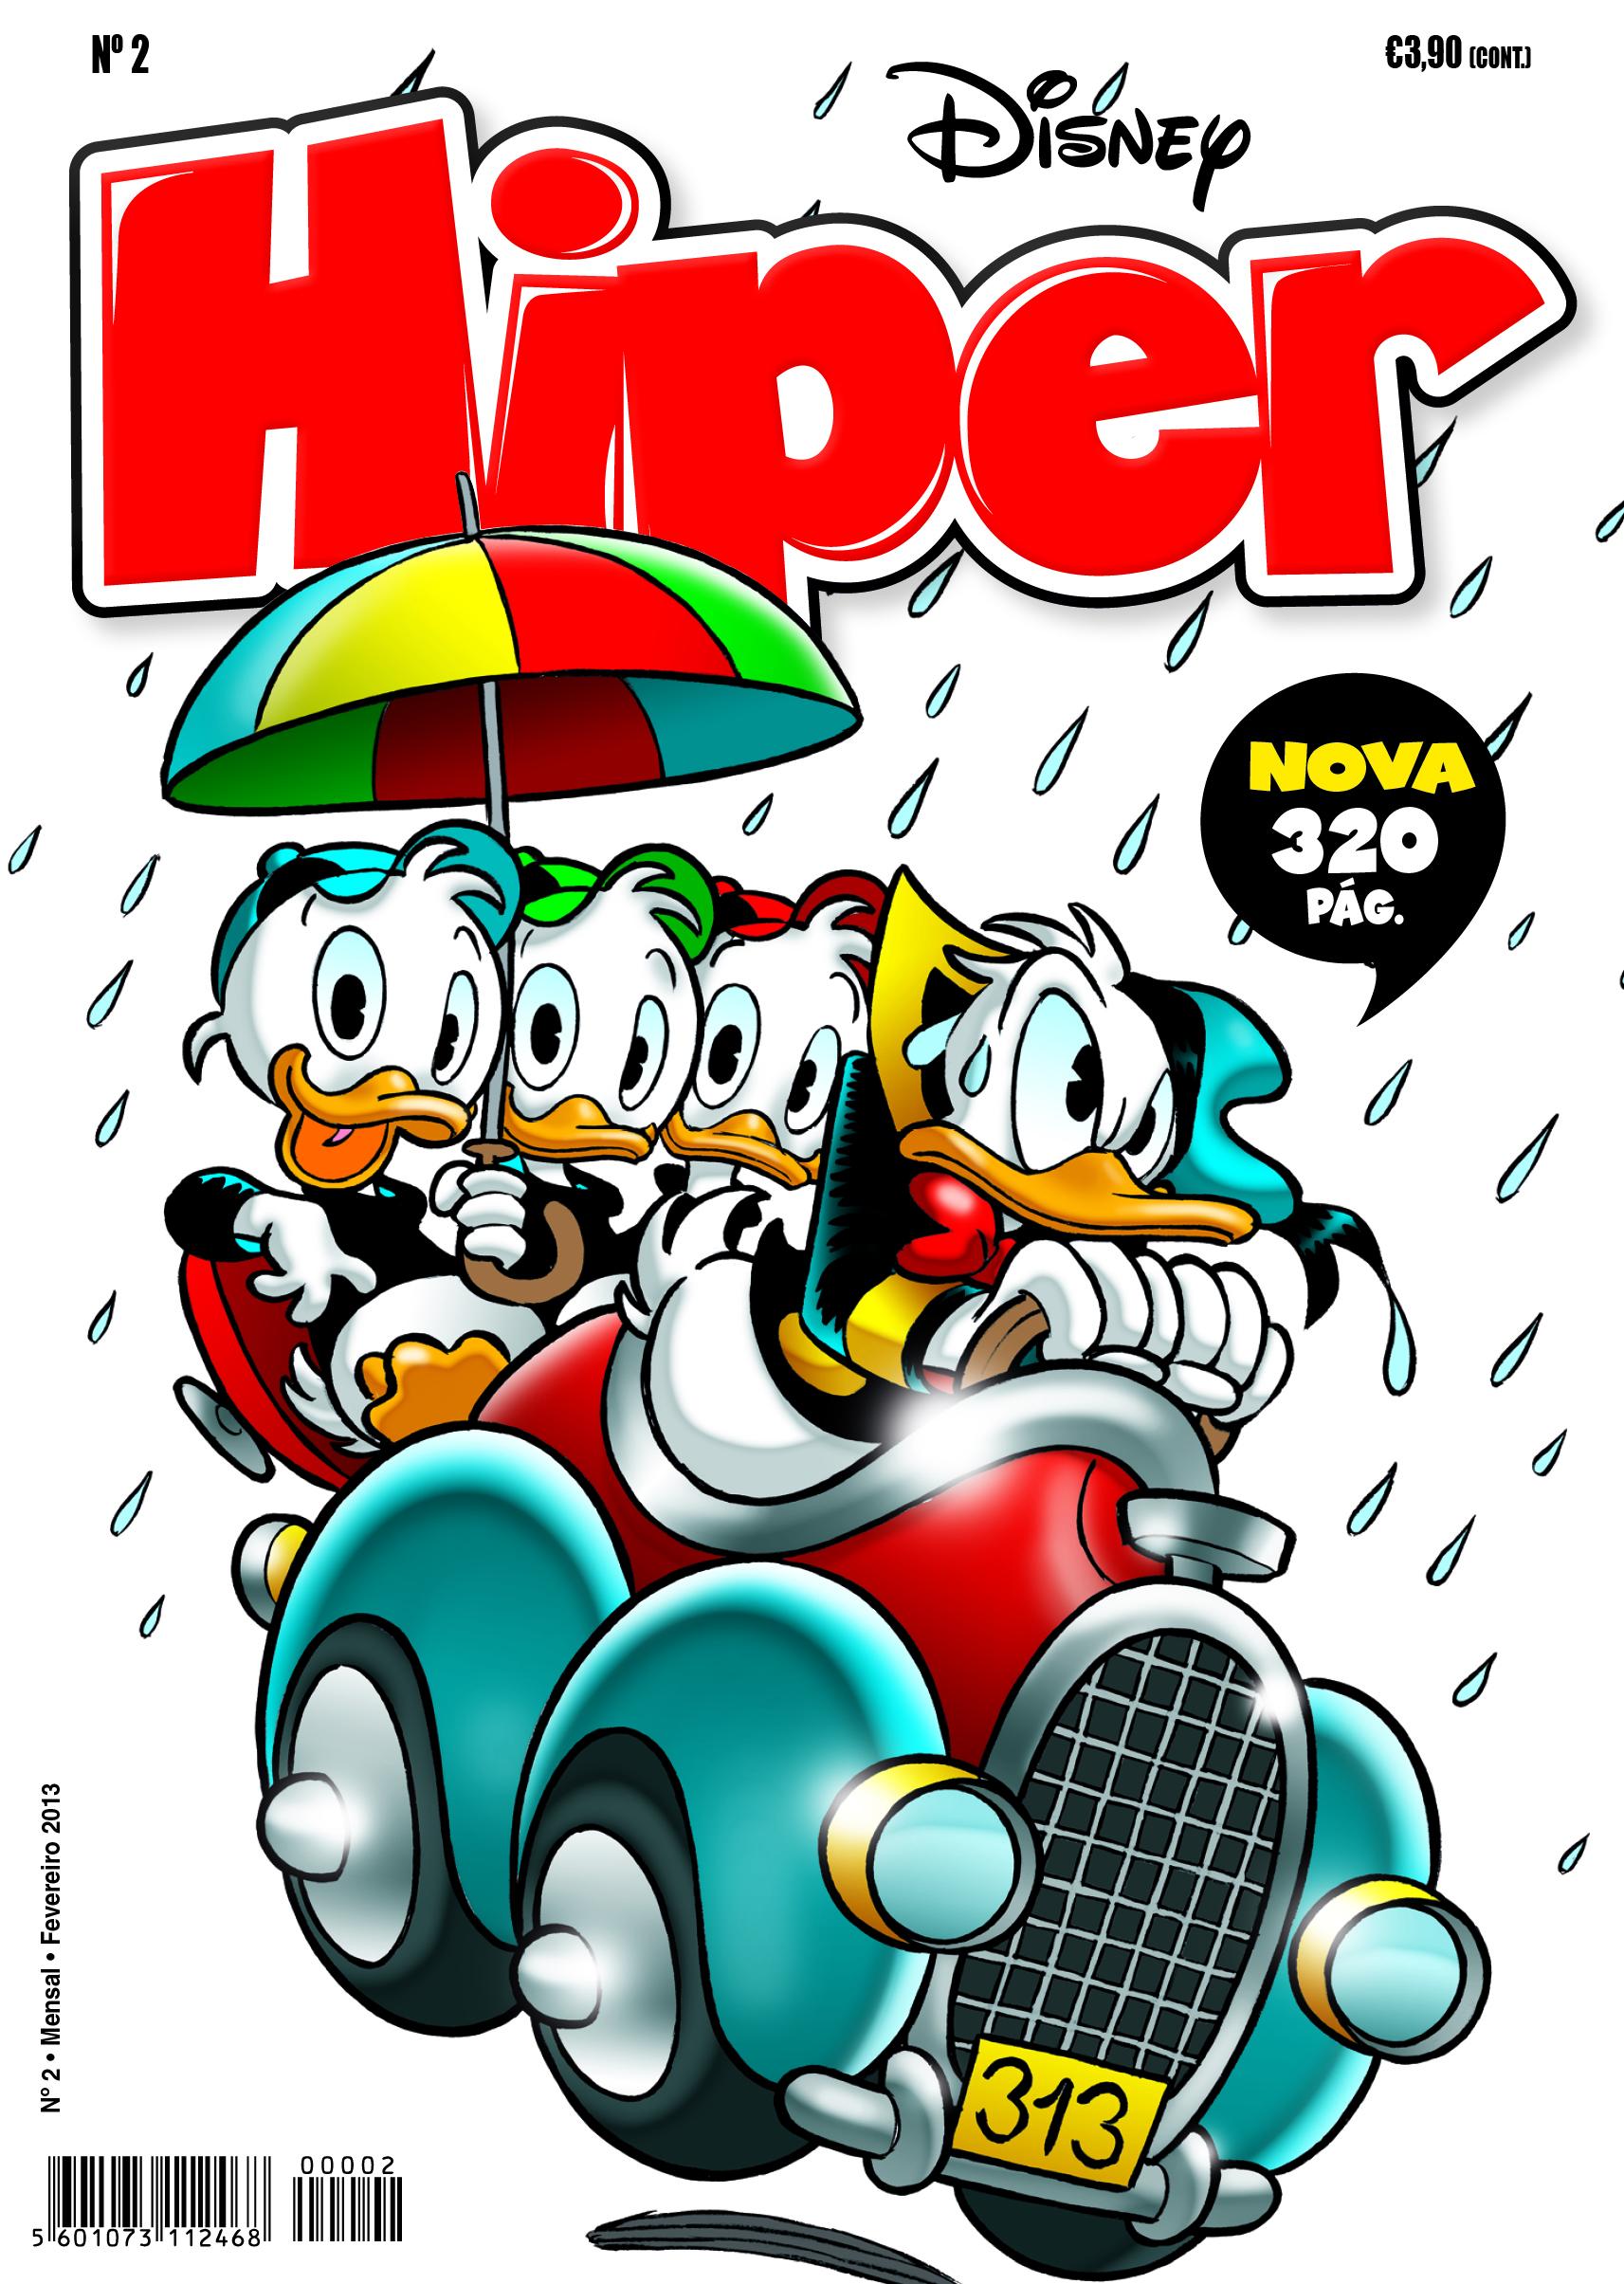 Capa Disney Hiper 2